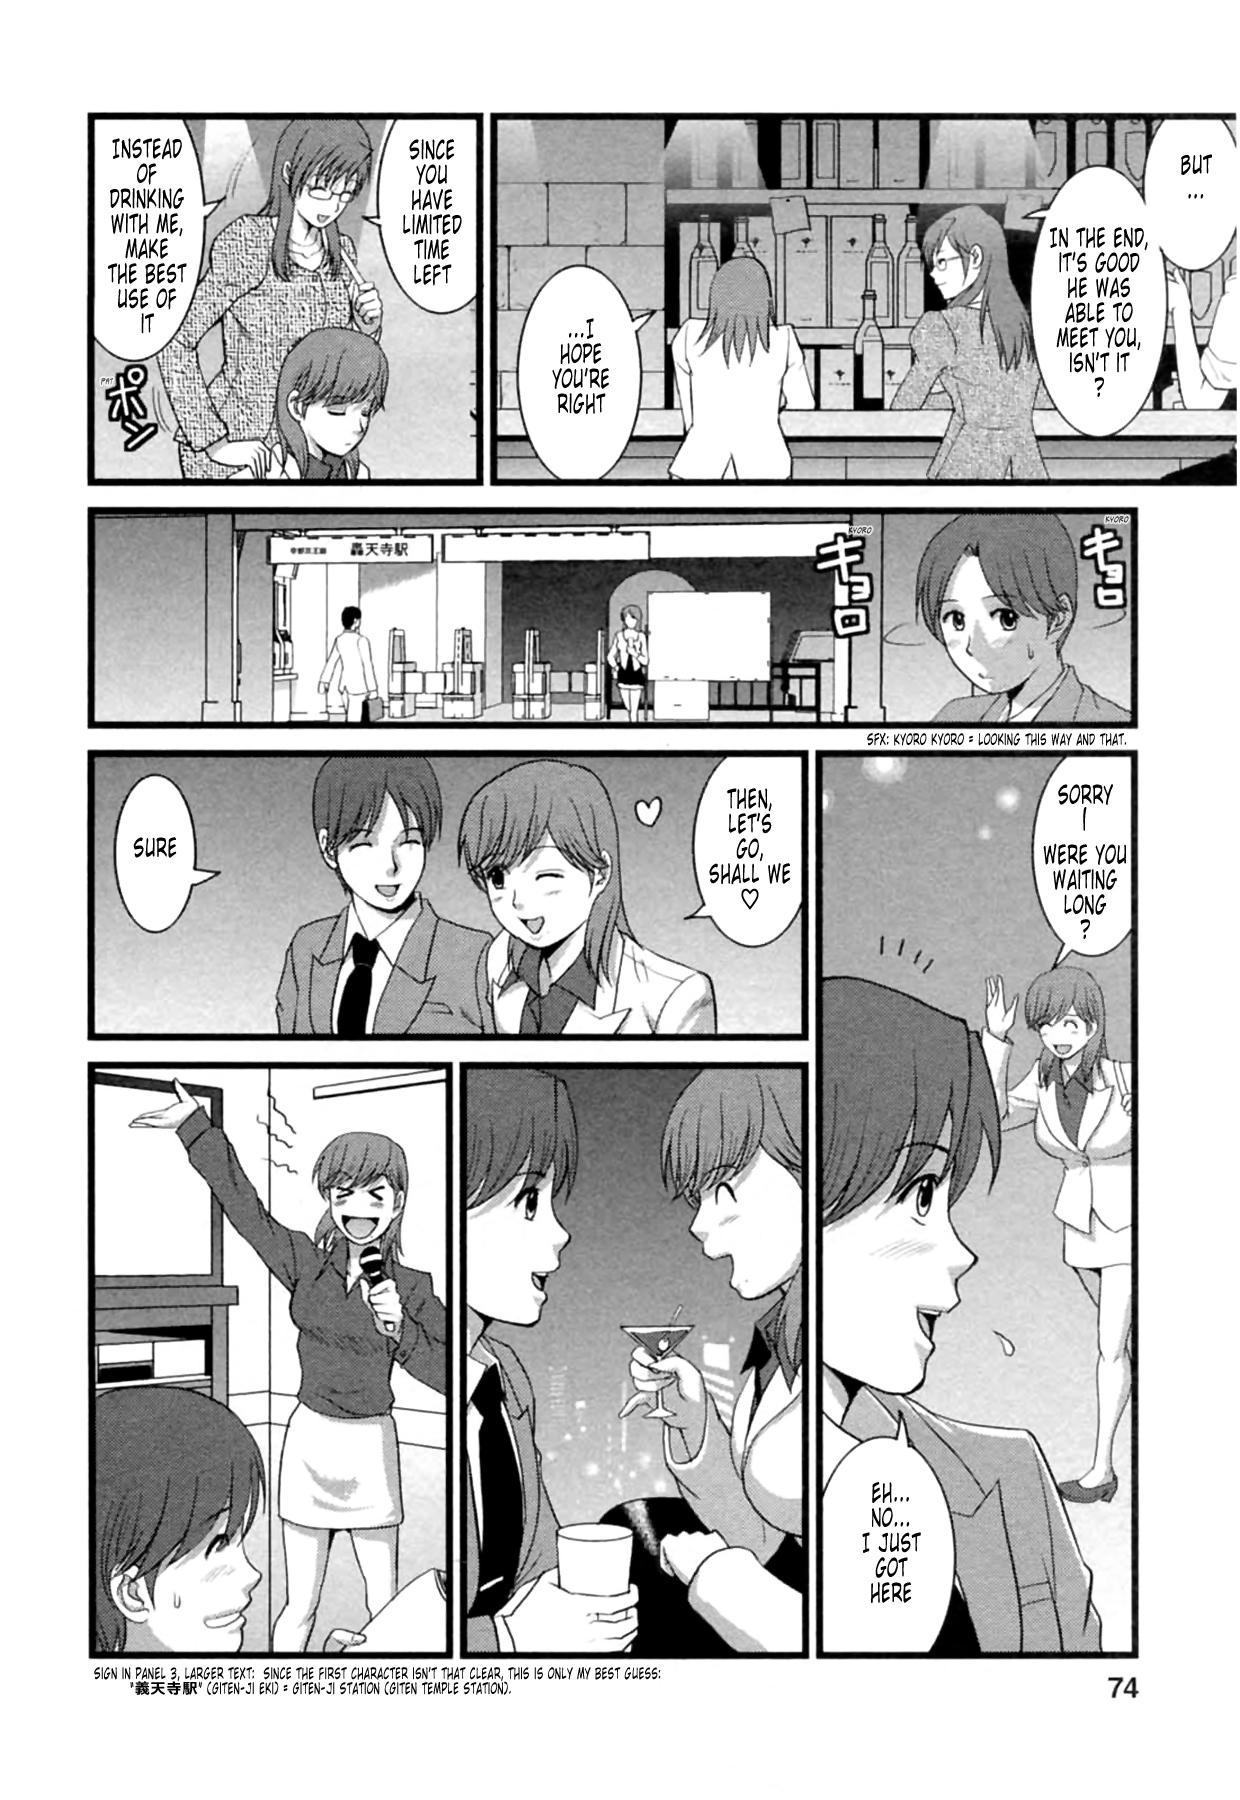 [Saigado] Haken no Muuko-san 2 Ch. 11-15 [English] [Tonigobe] 74